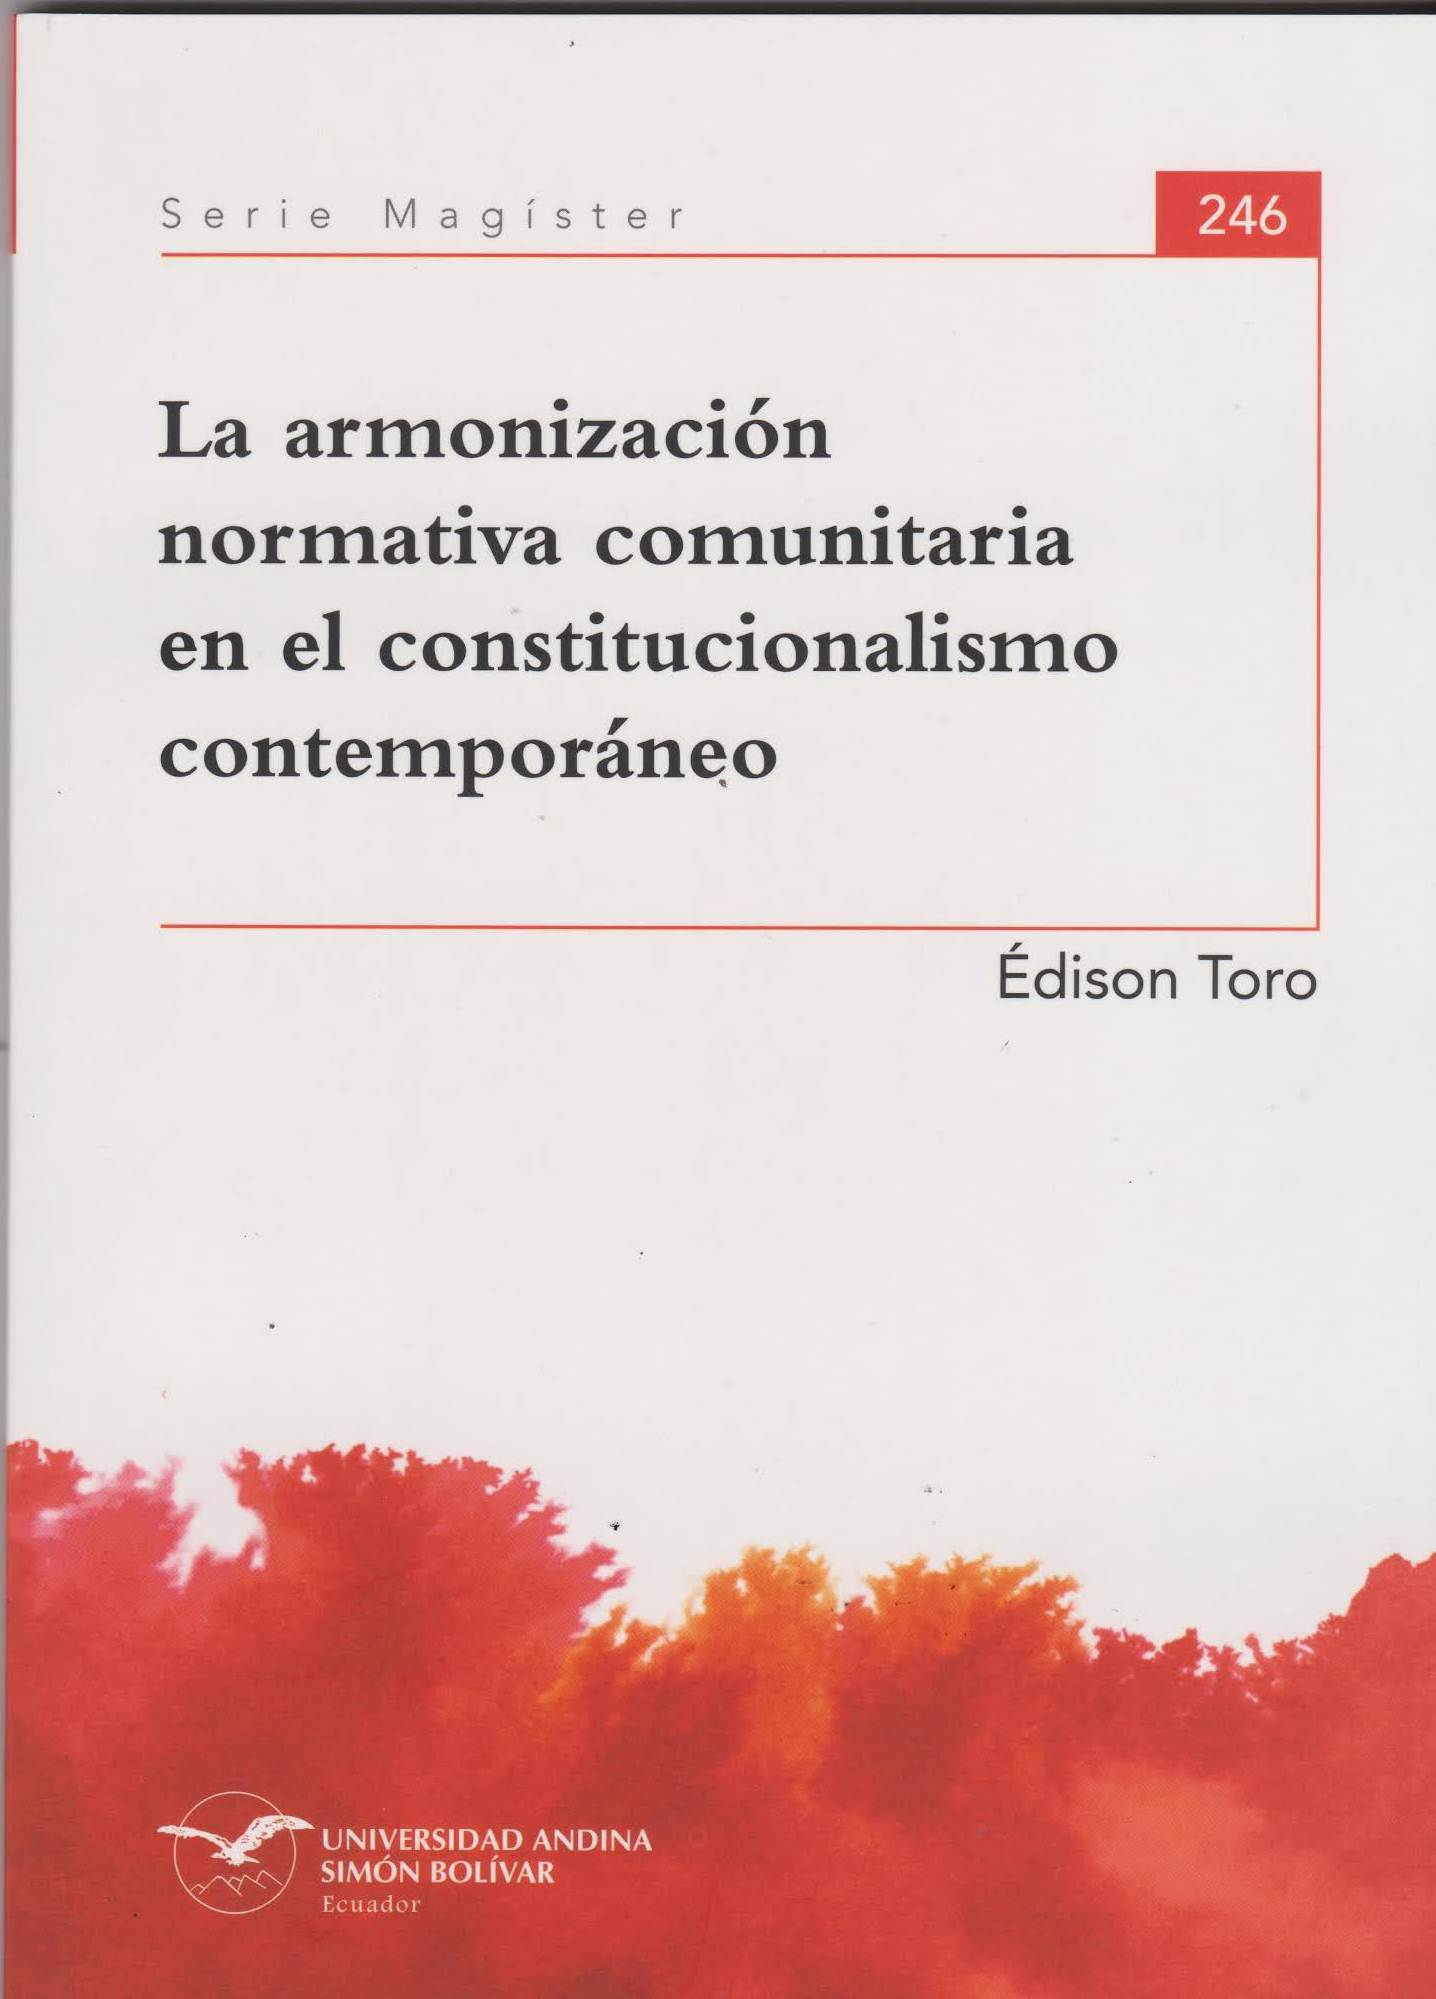 La Armonización Normativa Comunitaria En El Constitucionalismo Contemporáneo